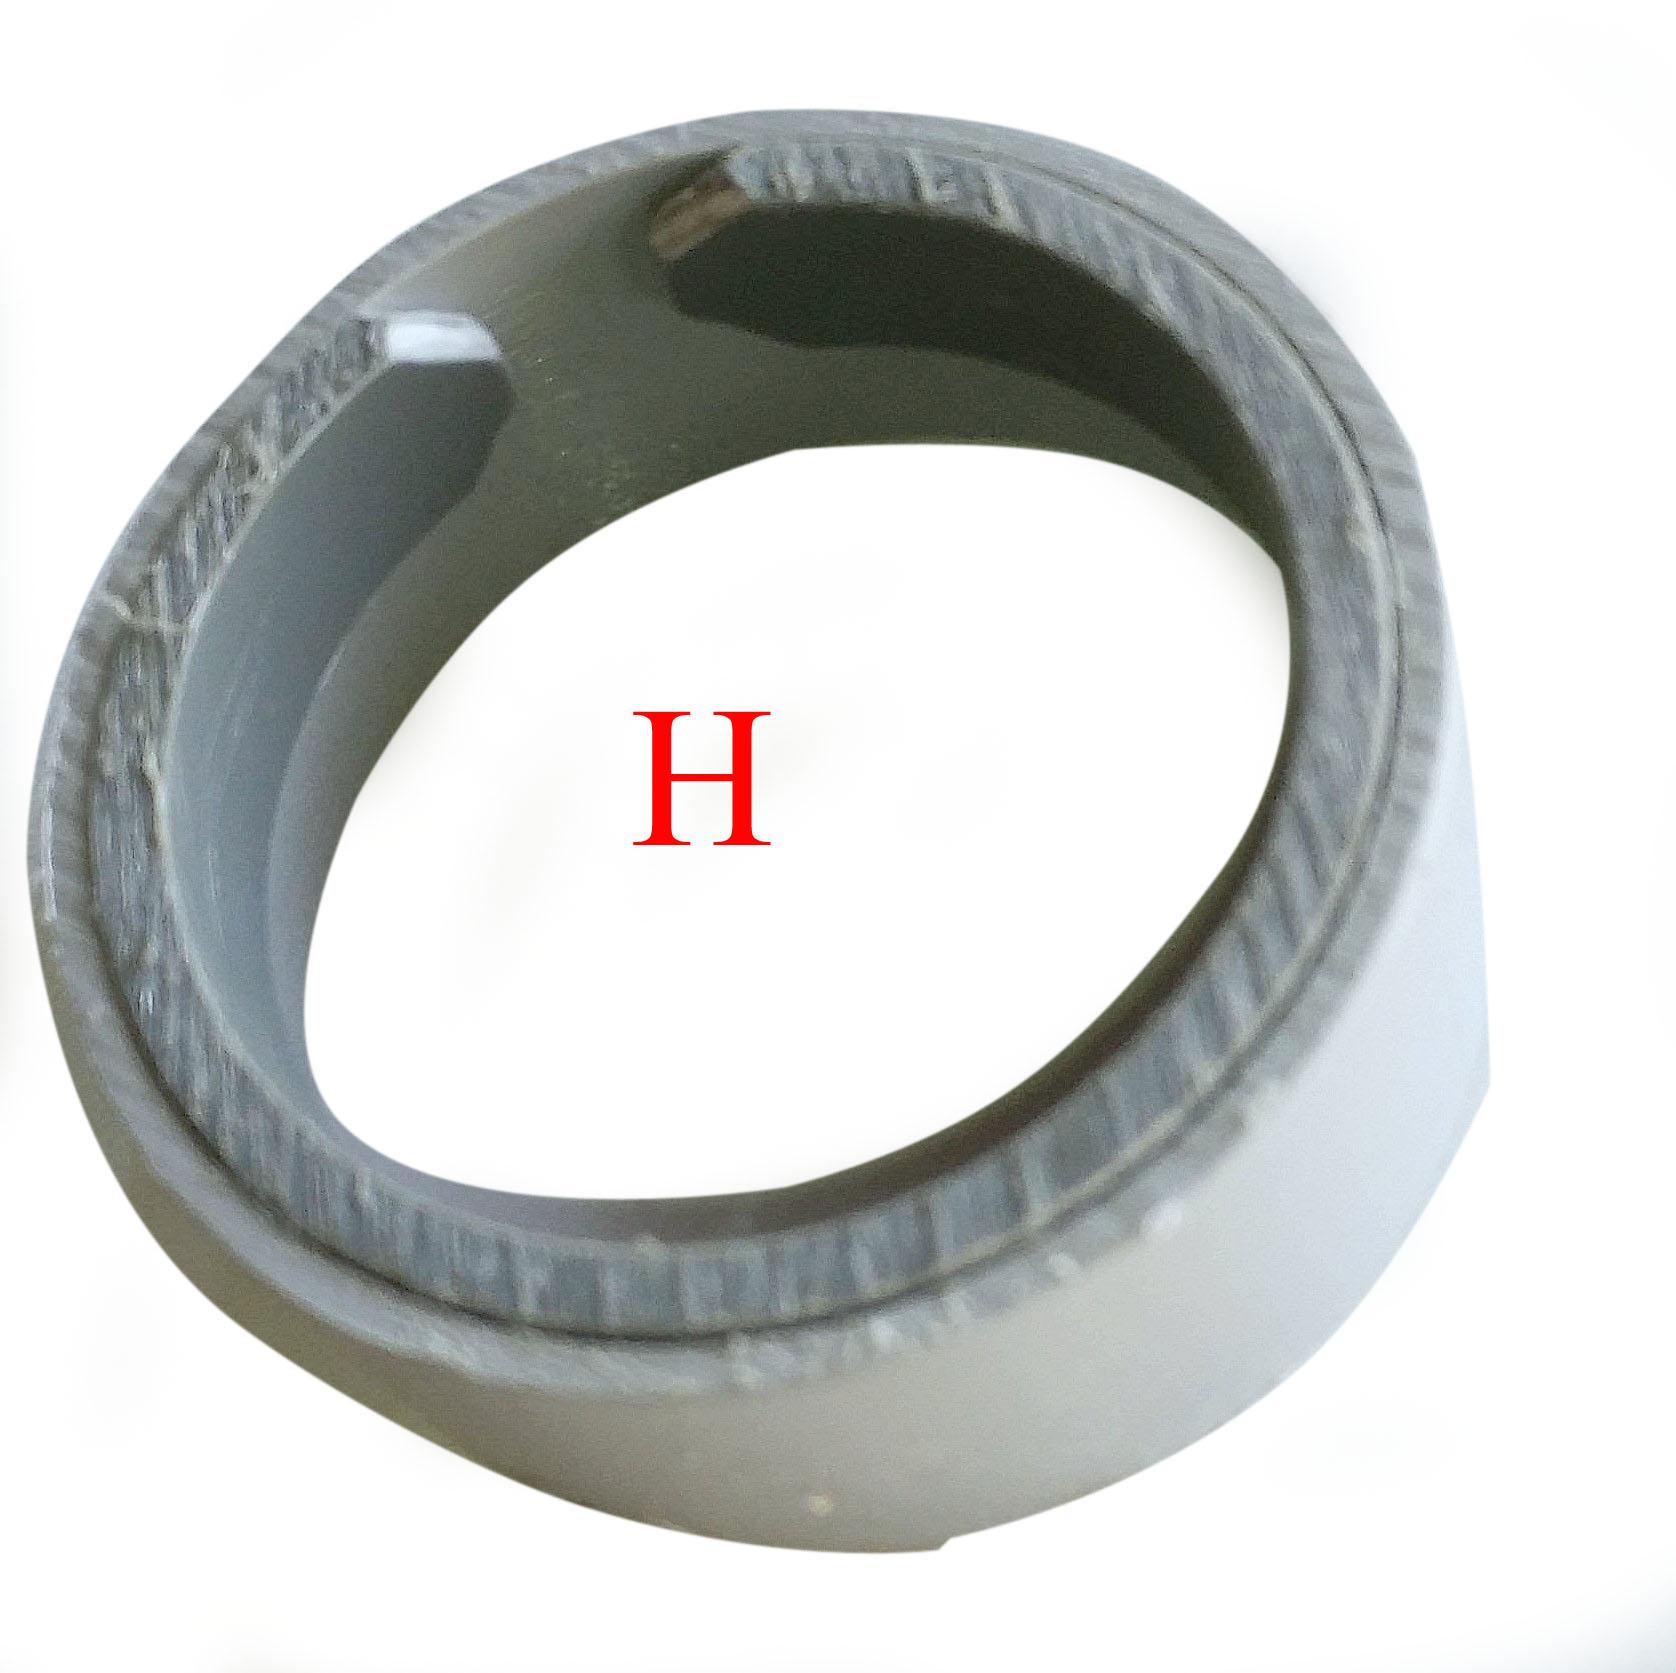 Cryptex maken - ringen in elkaar plakken